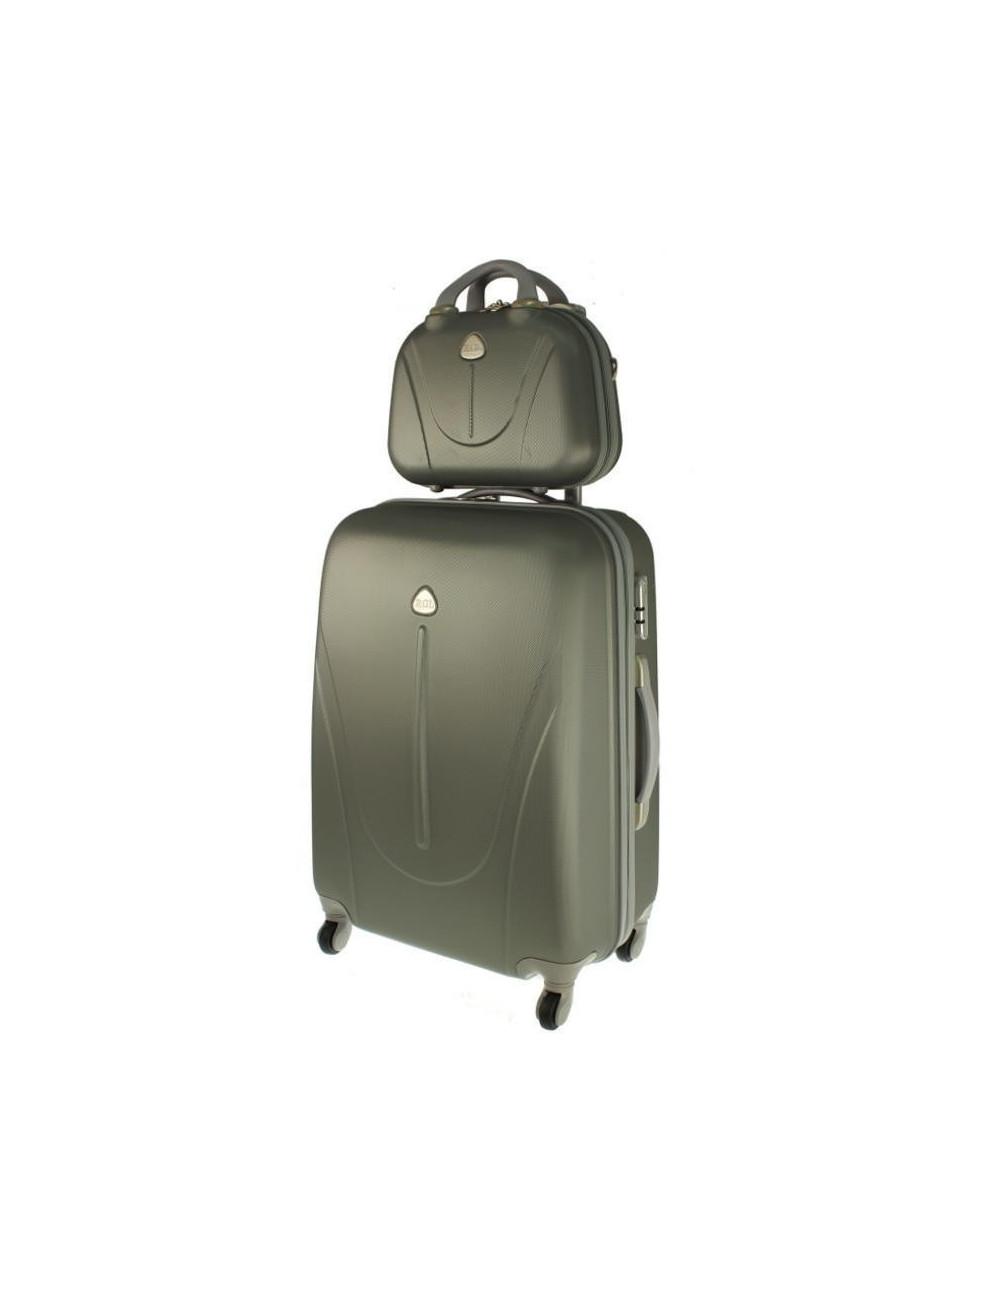 fa334902e92d4 Zestaw walizka podróżna na kółkach + kuferek kosmetyczka podróżna 883